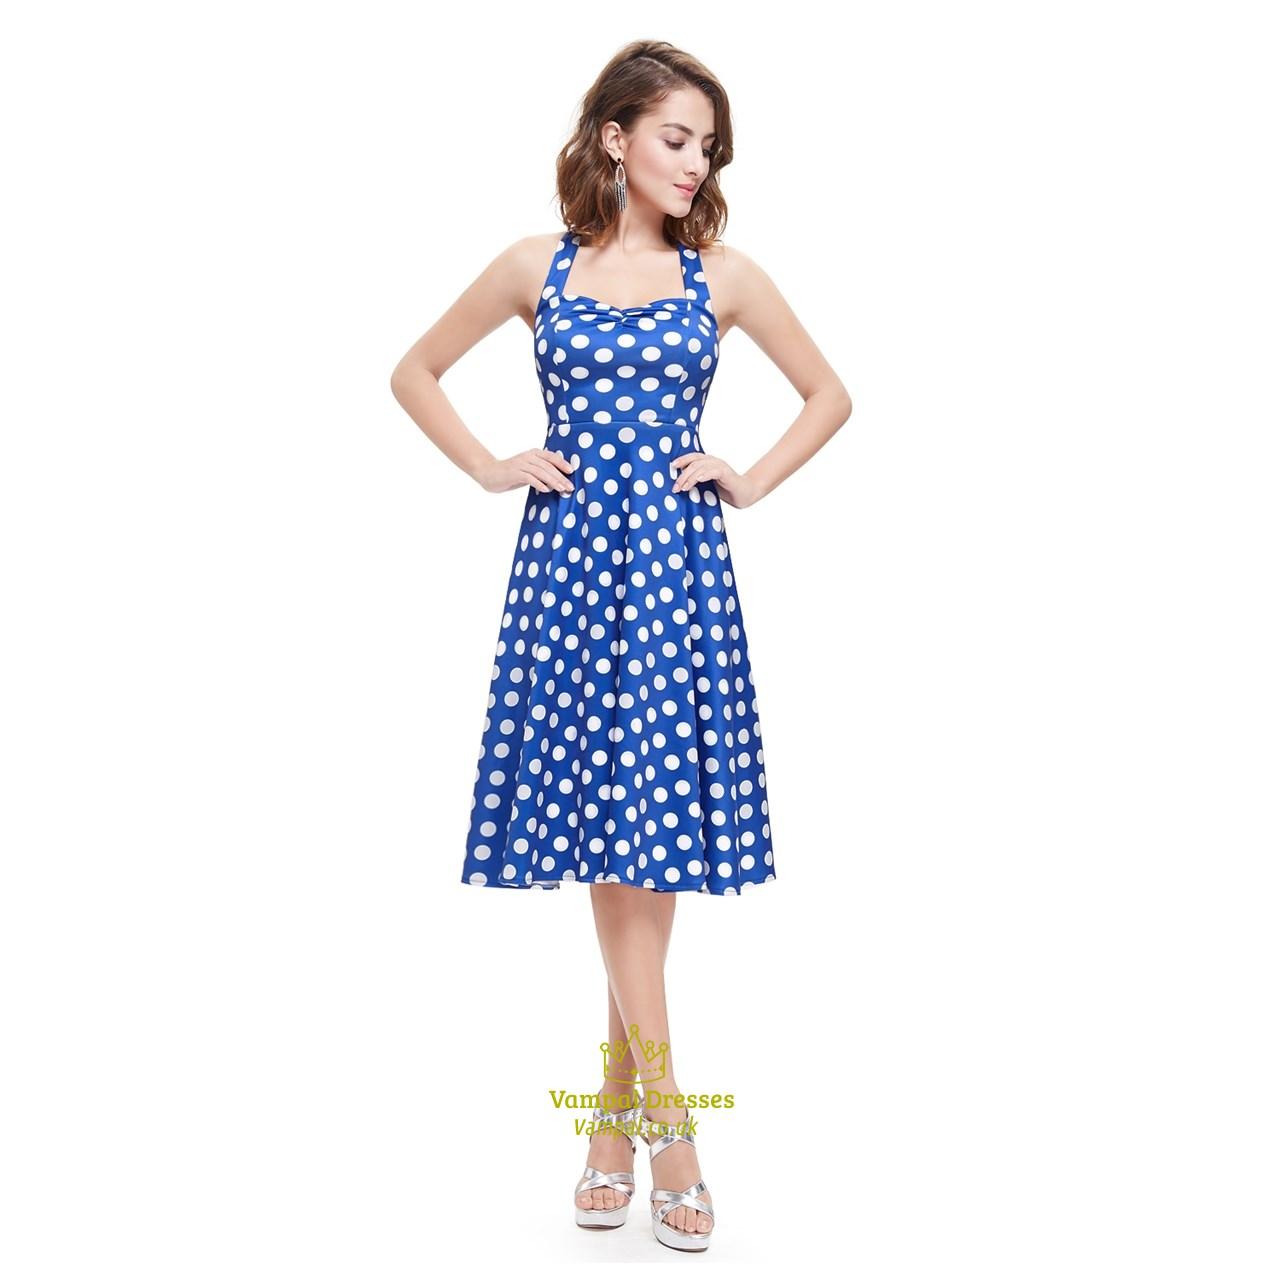 817b86559e34 Blue And White Halter Knee Length Polka Dot Sleeveless Summer Dress SKU  -AP014